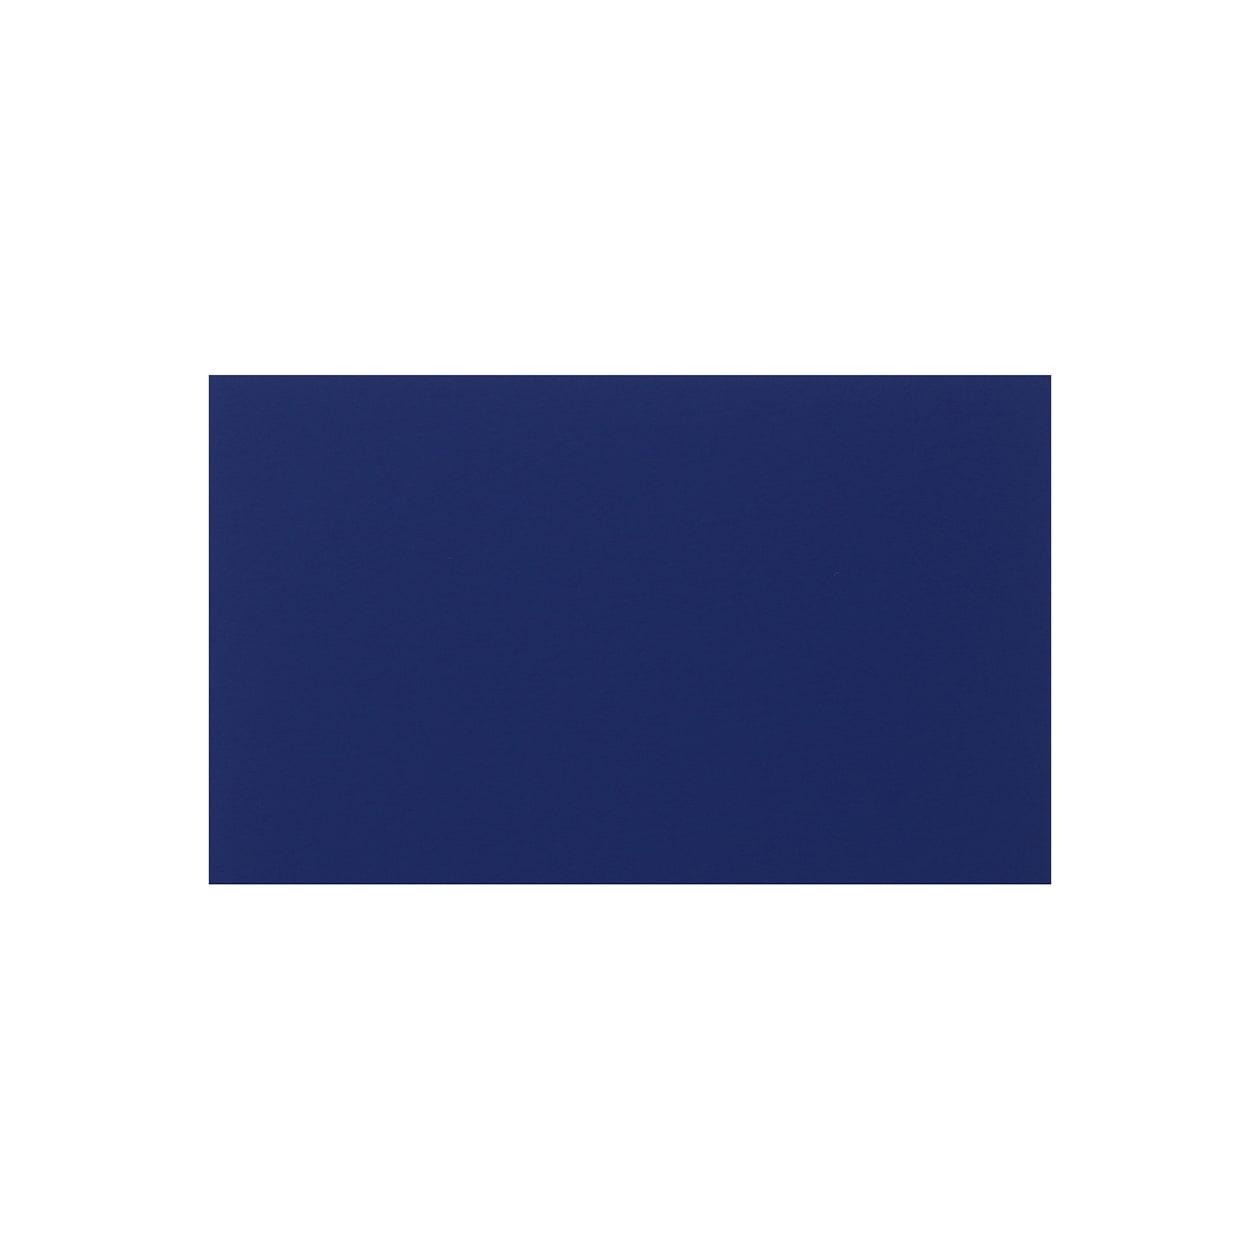 サンプル カード・シート 00357